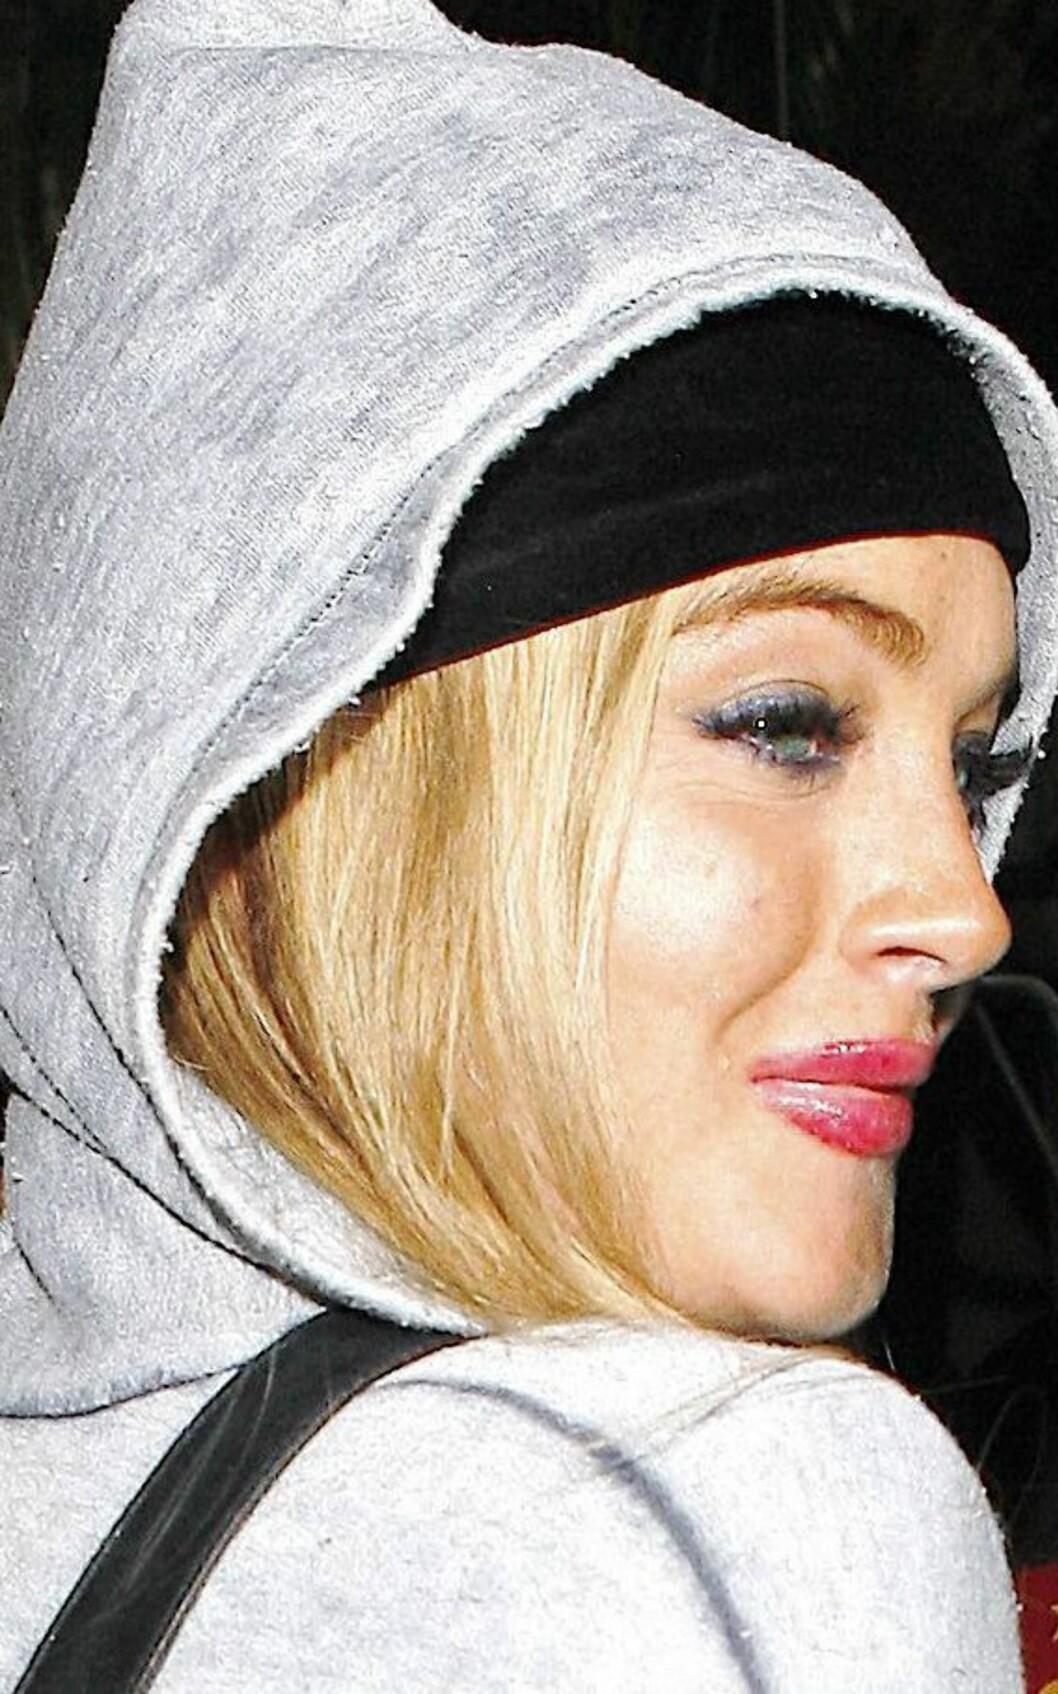 Da stylisten tok ferie, måtte Lindsay Lohan tydeligvis sminke seg selv. Det gikk sånn passe bra.